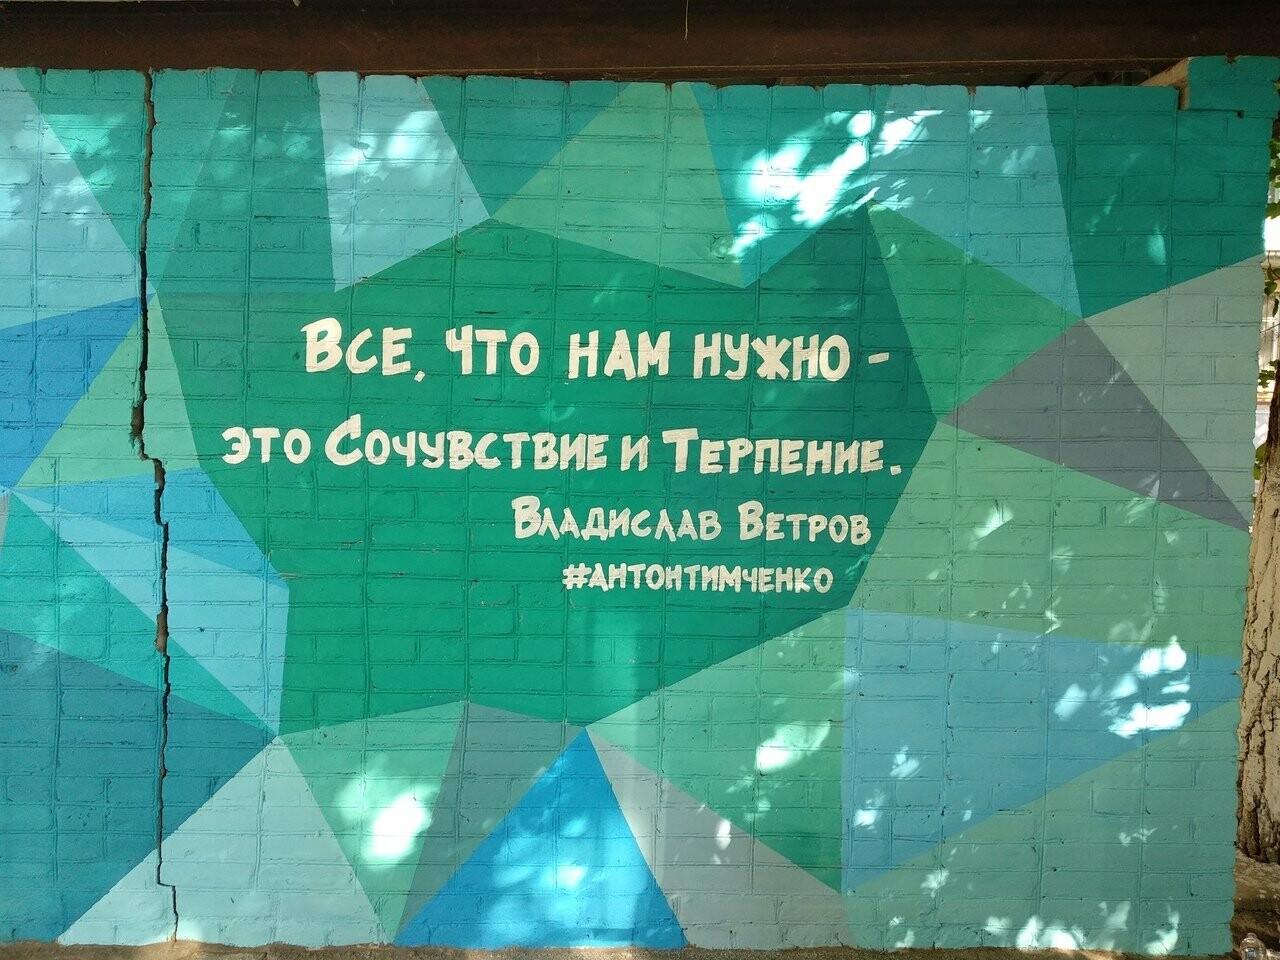 Улицы Таганрога пополнились еще одним настенным портретом, фото-1